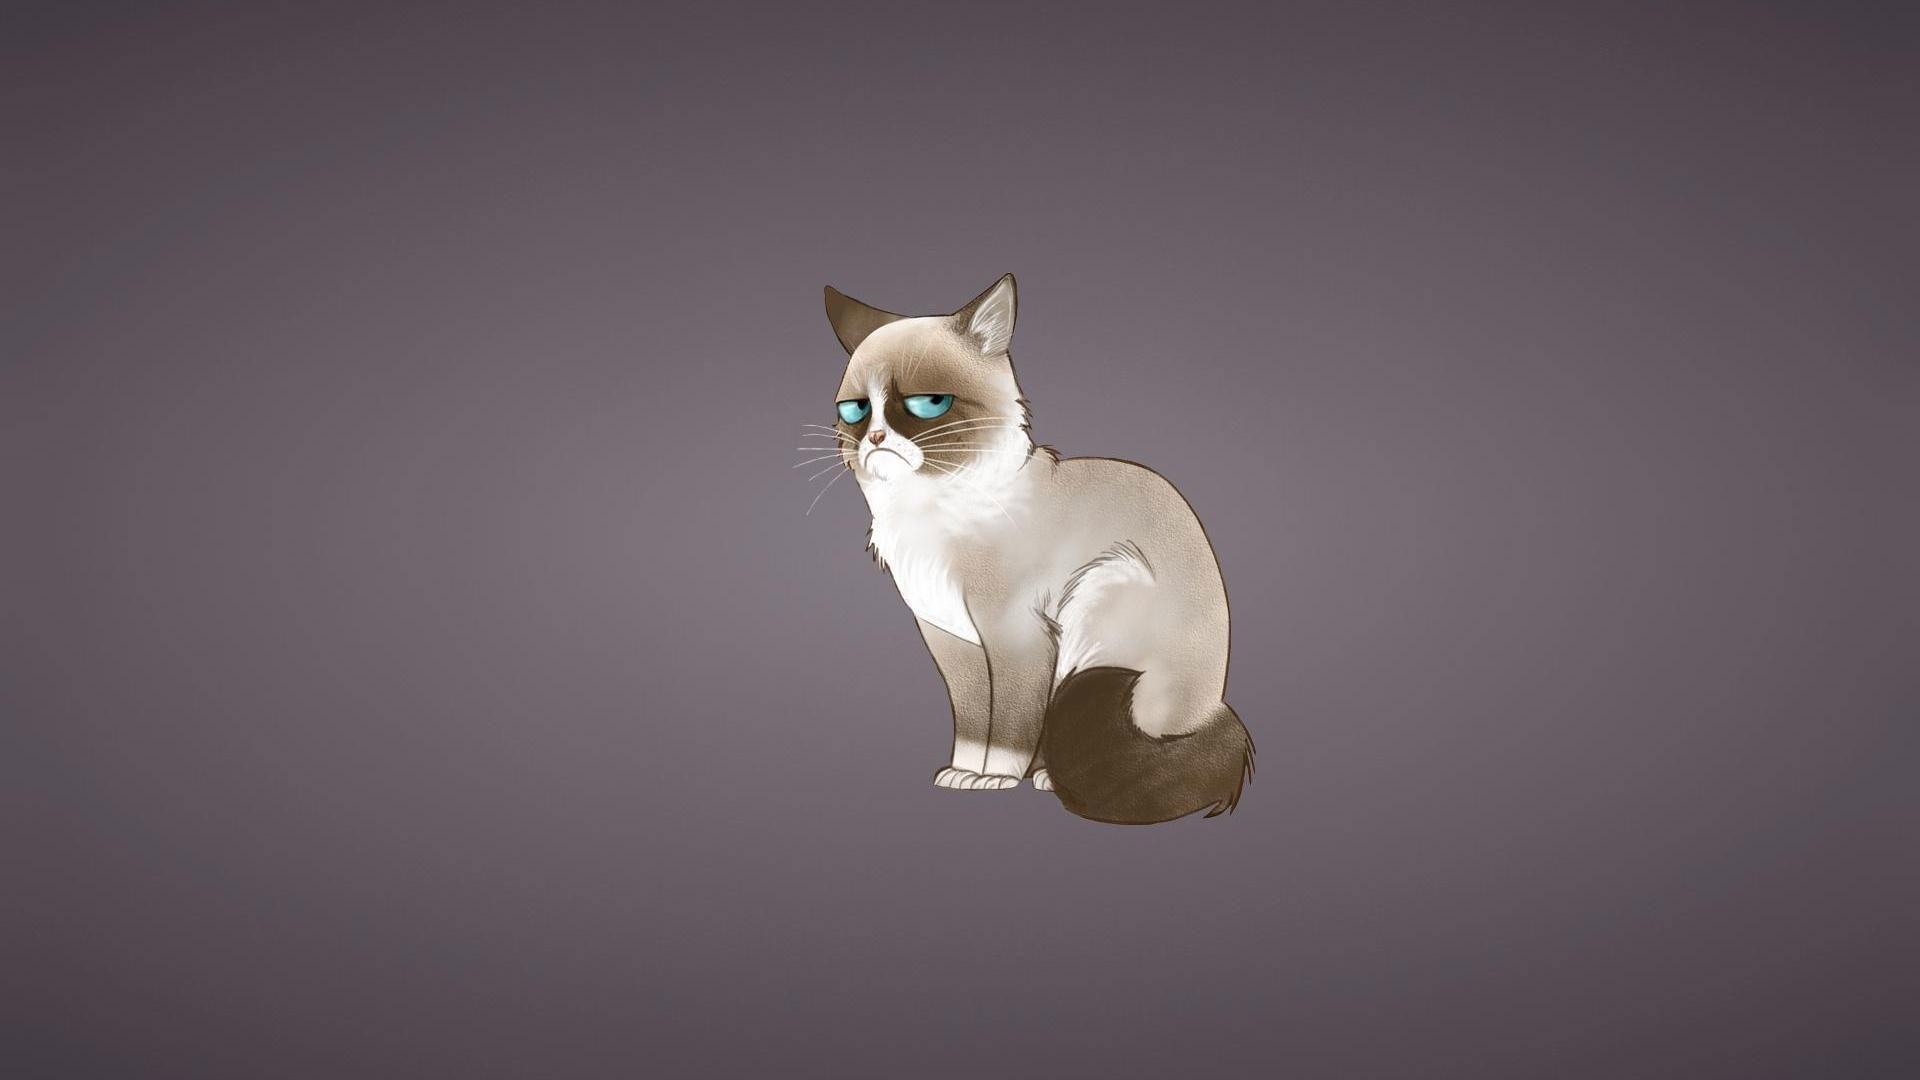 3d Wallpaper For Computer Gray Cats Cartoon Cat Wallpaper 183 ① Wallpapertag